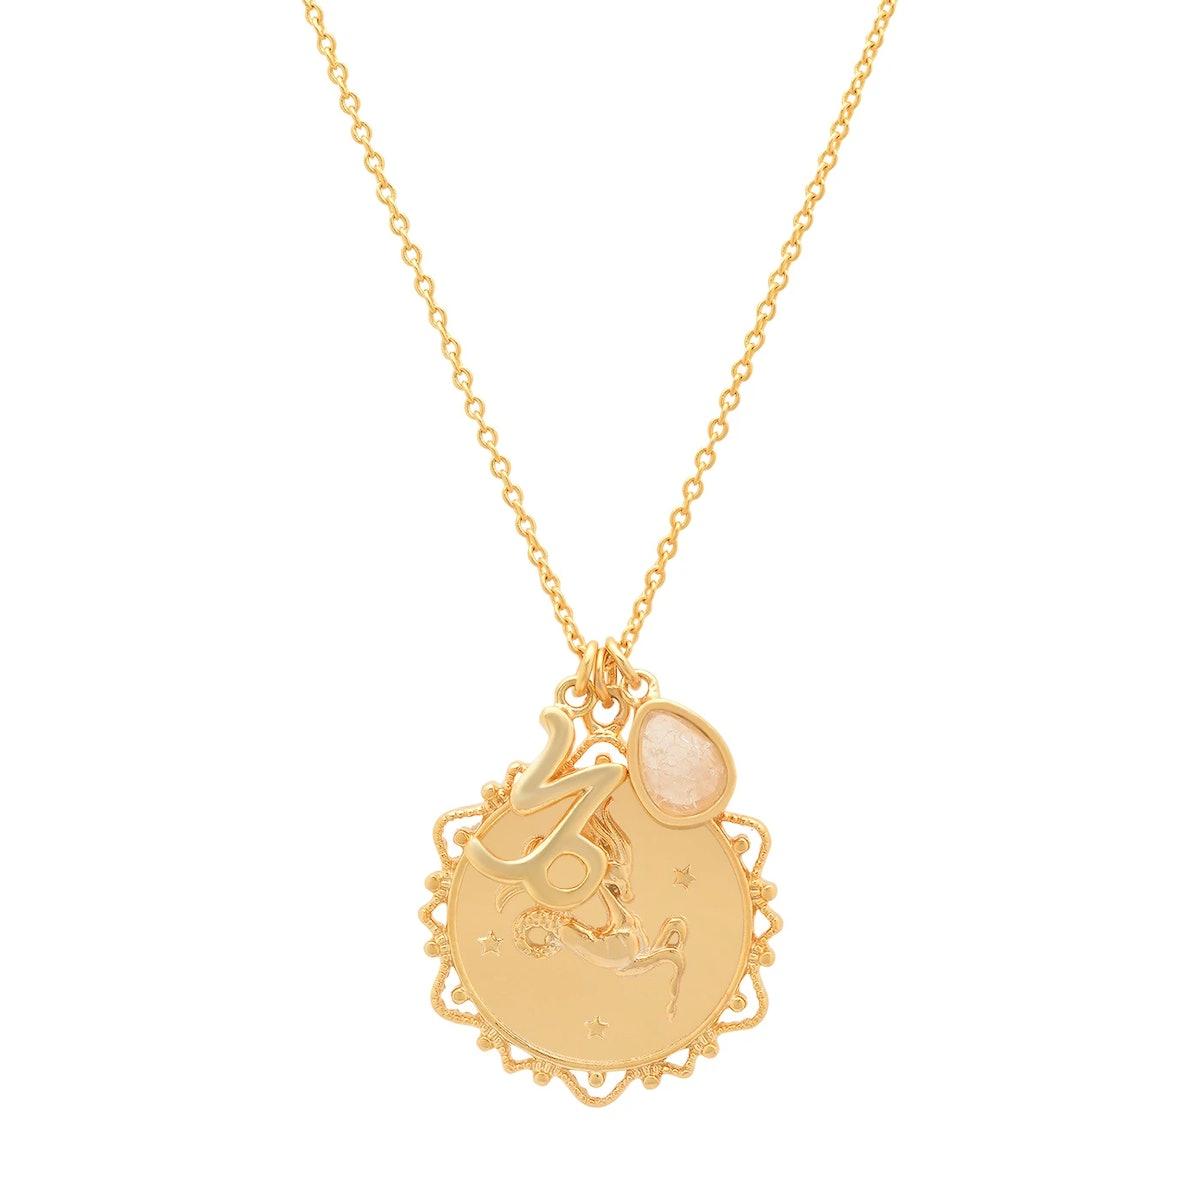 TAI Zodiac Charm Necklace.